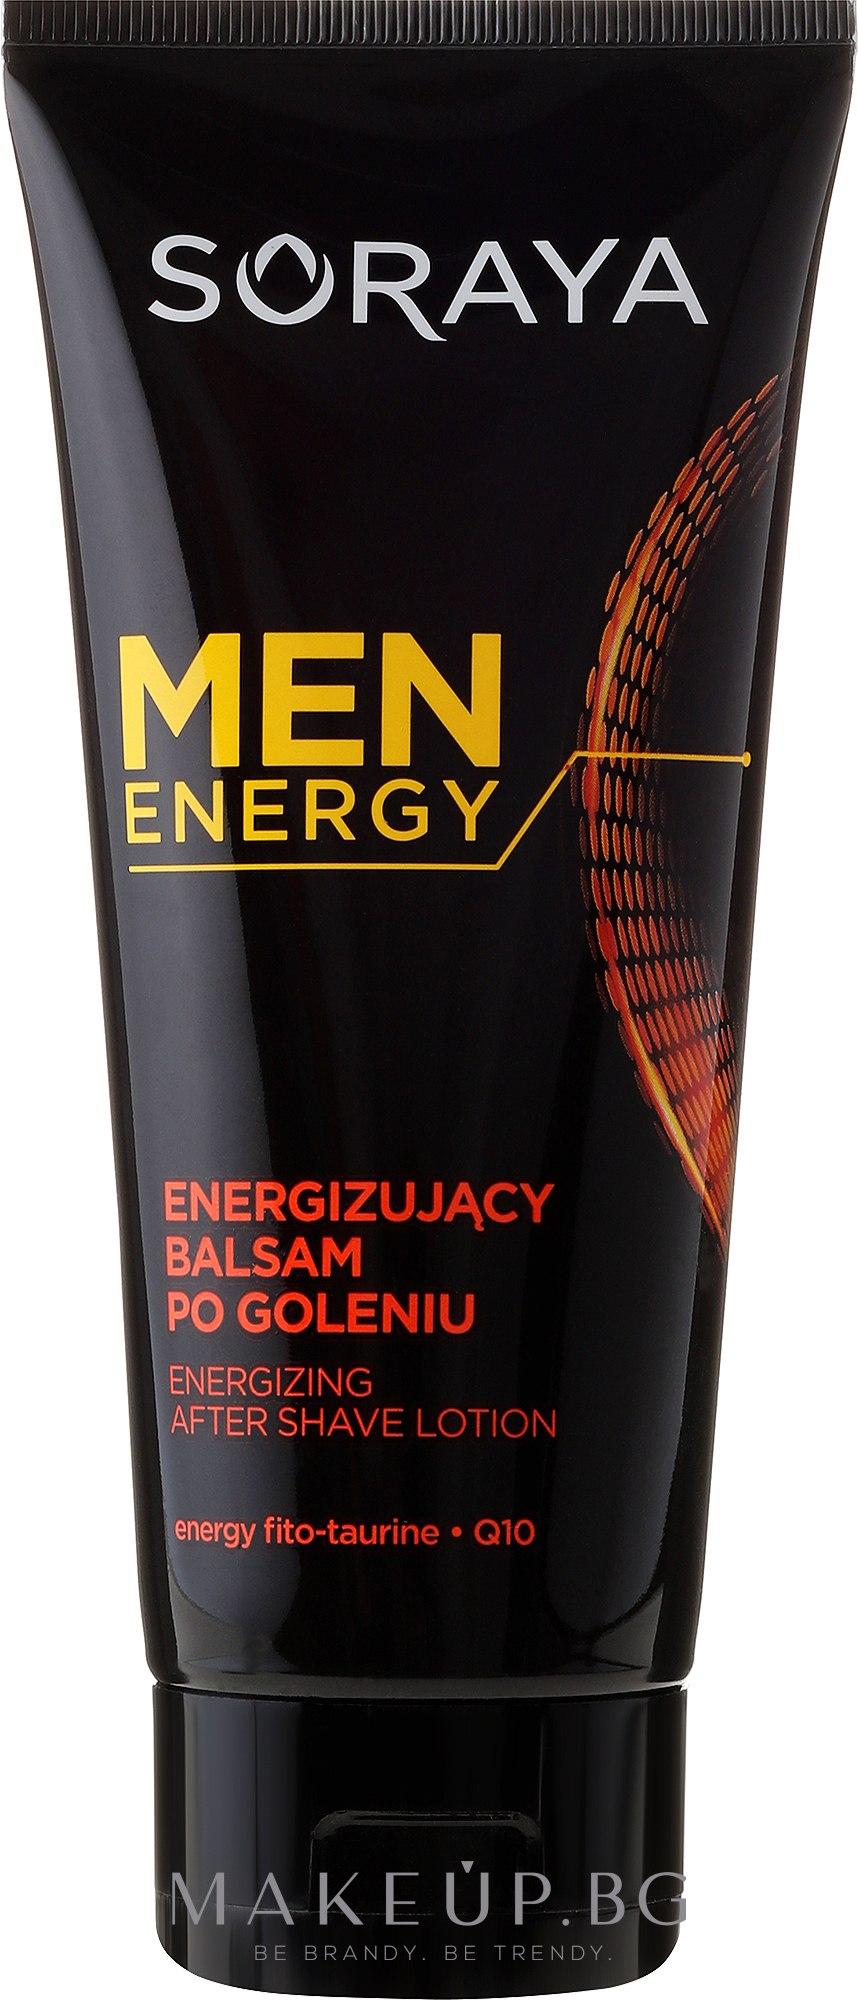 Балсам за след бръснене - Soraya Men Energy After Shave Lotoin — снимка 150 ml